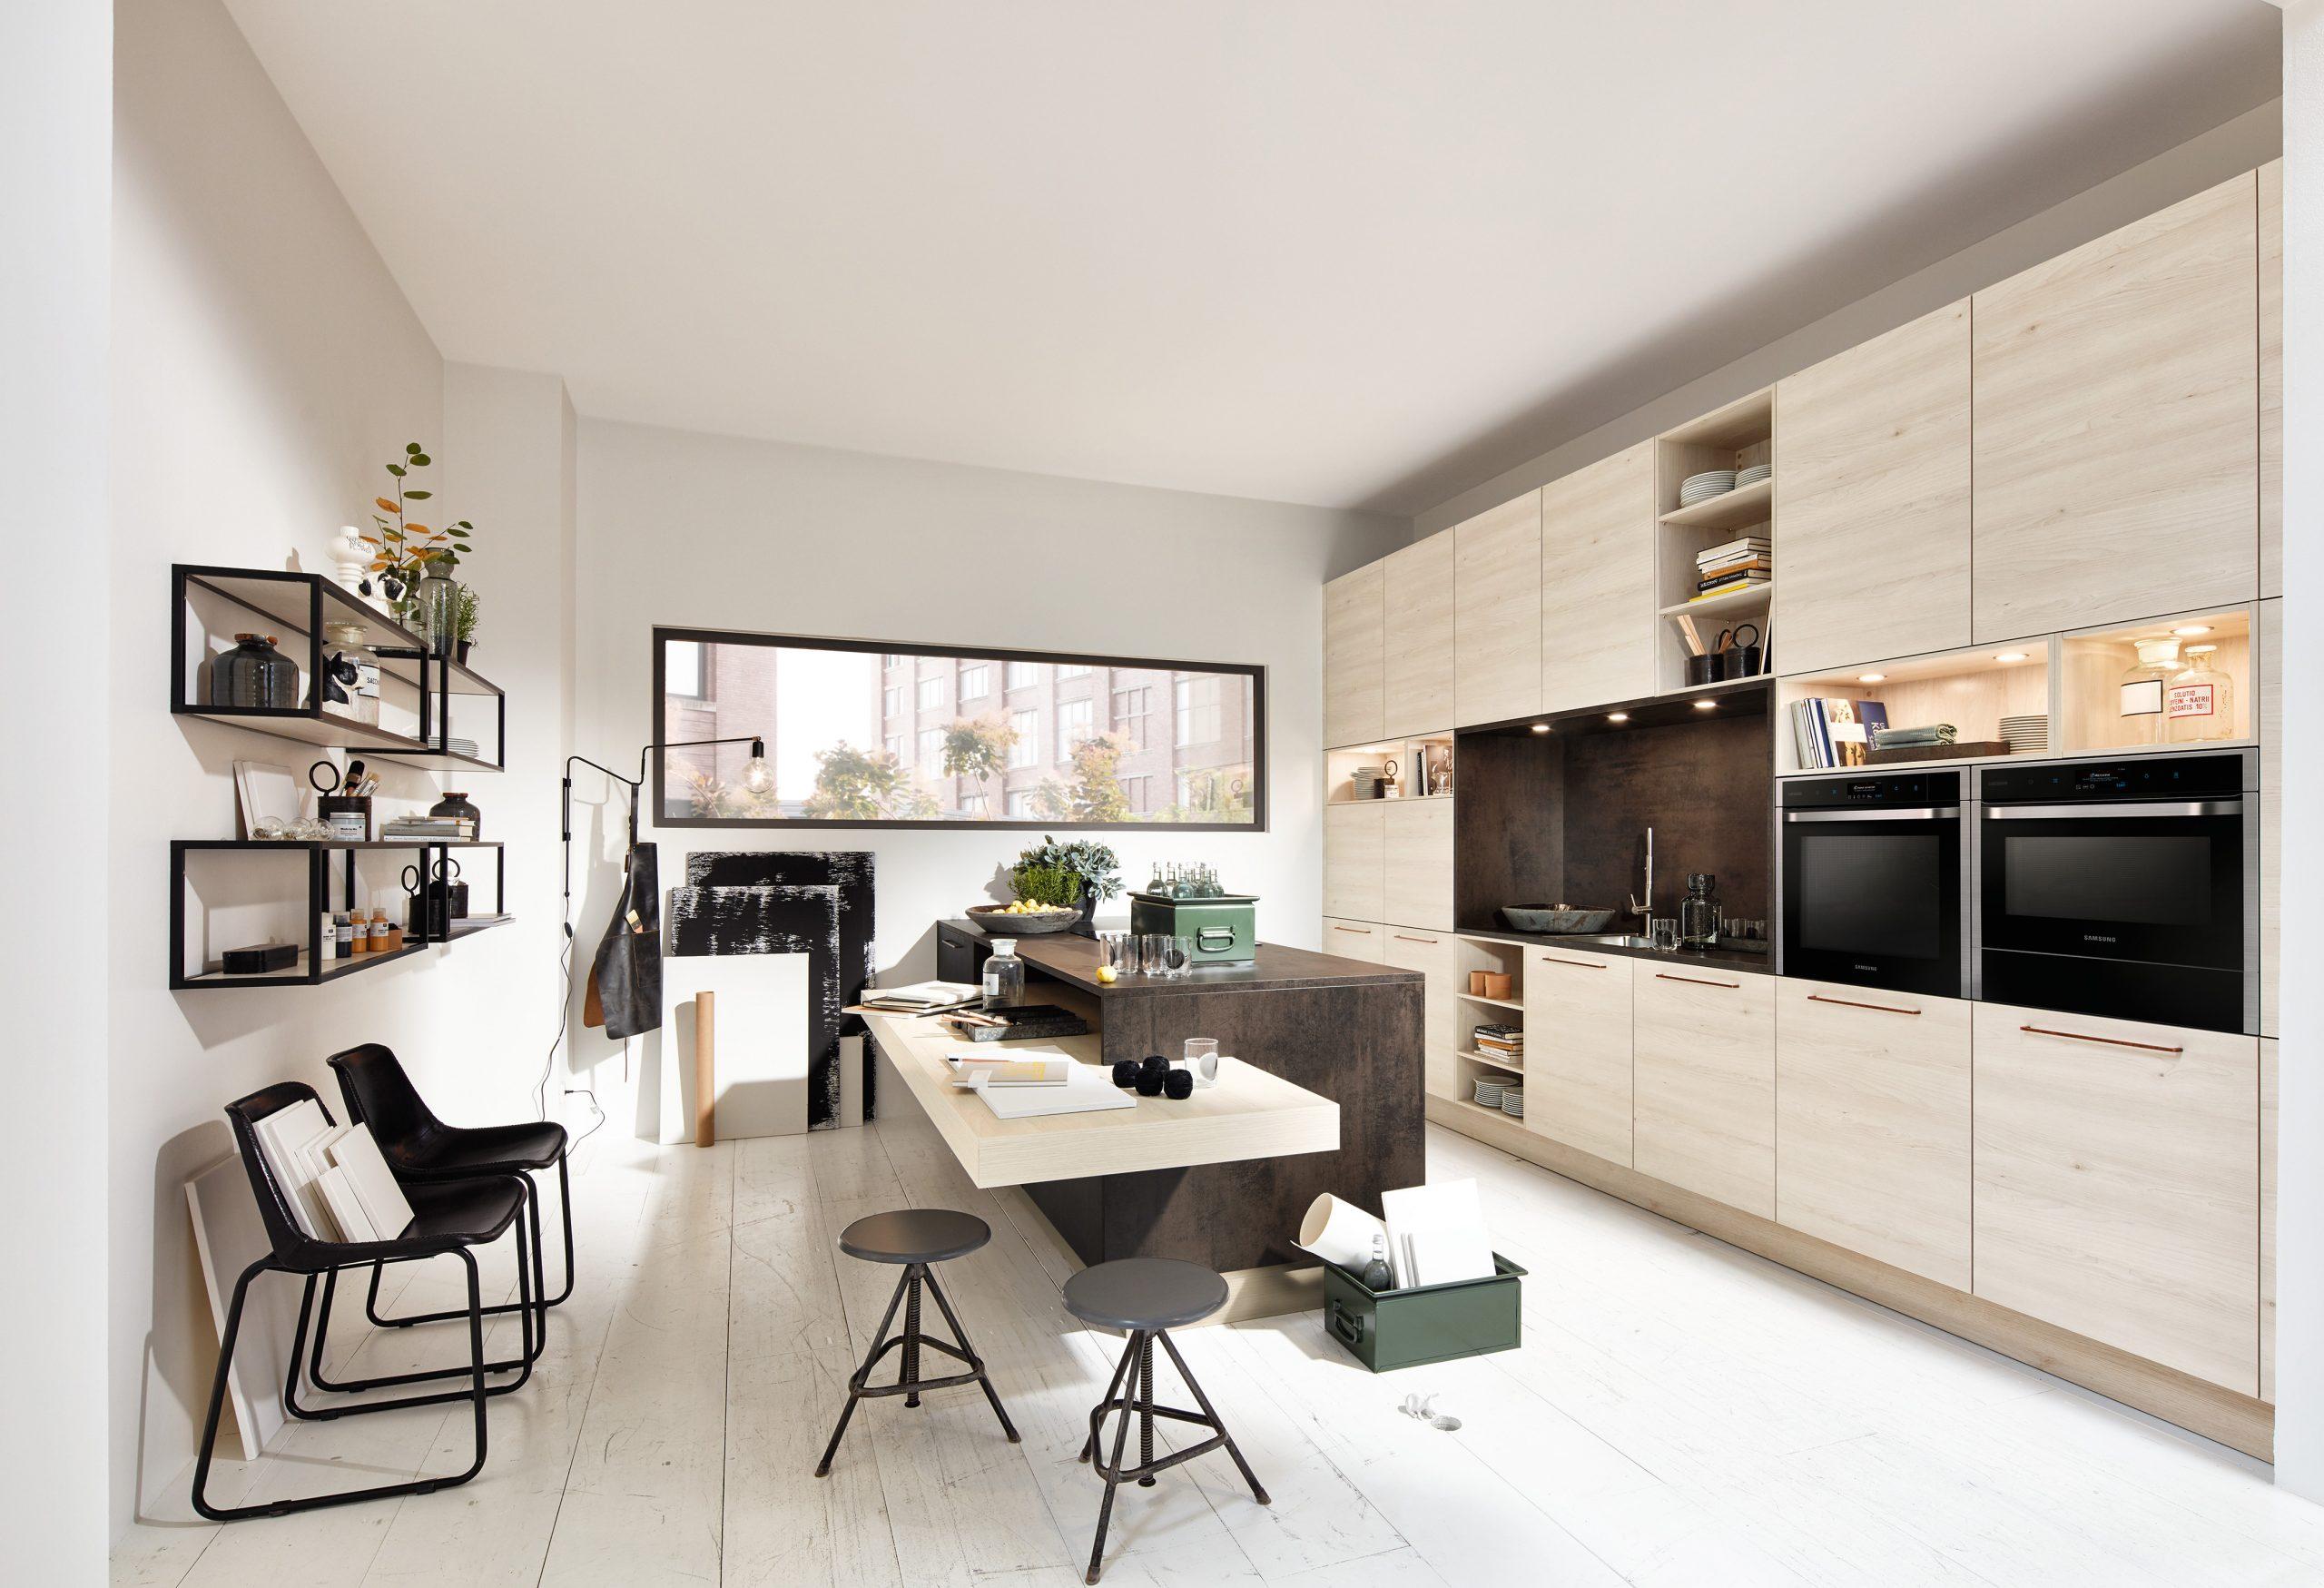 Full Size of Unterschrank Küche Nolte Küche Nolte Weiß Küche Nolte Angebot Spritzschutz Küche Nolte Küche Küche Nolte